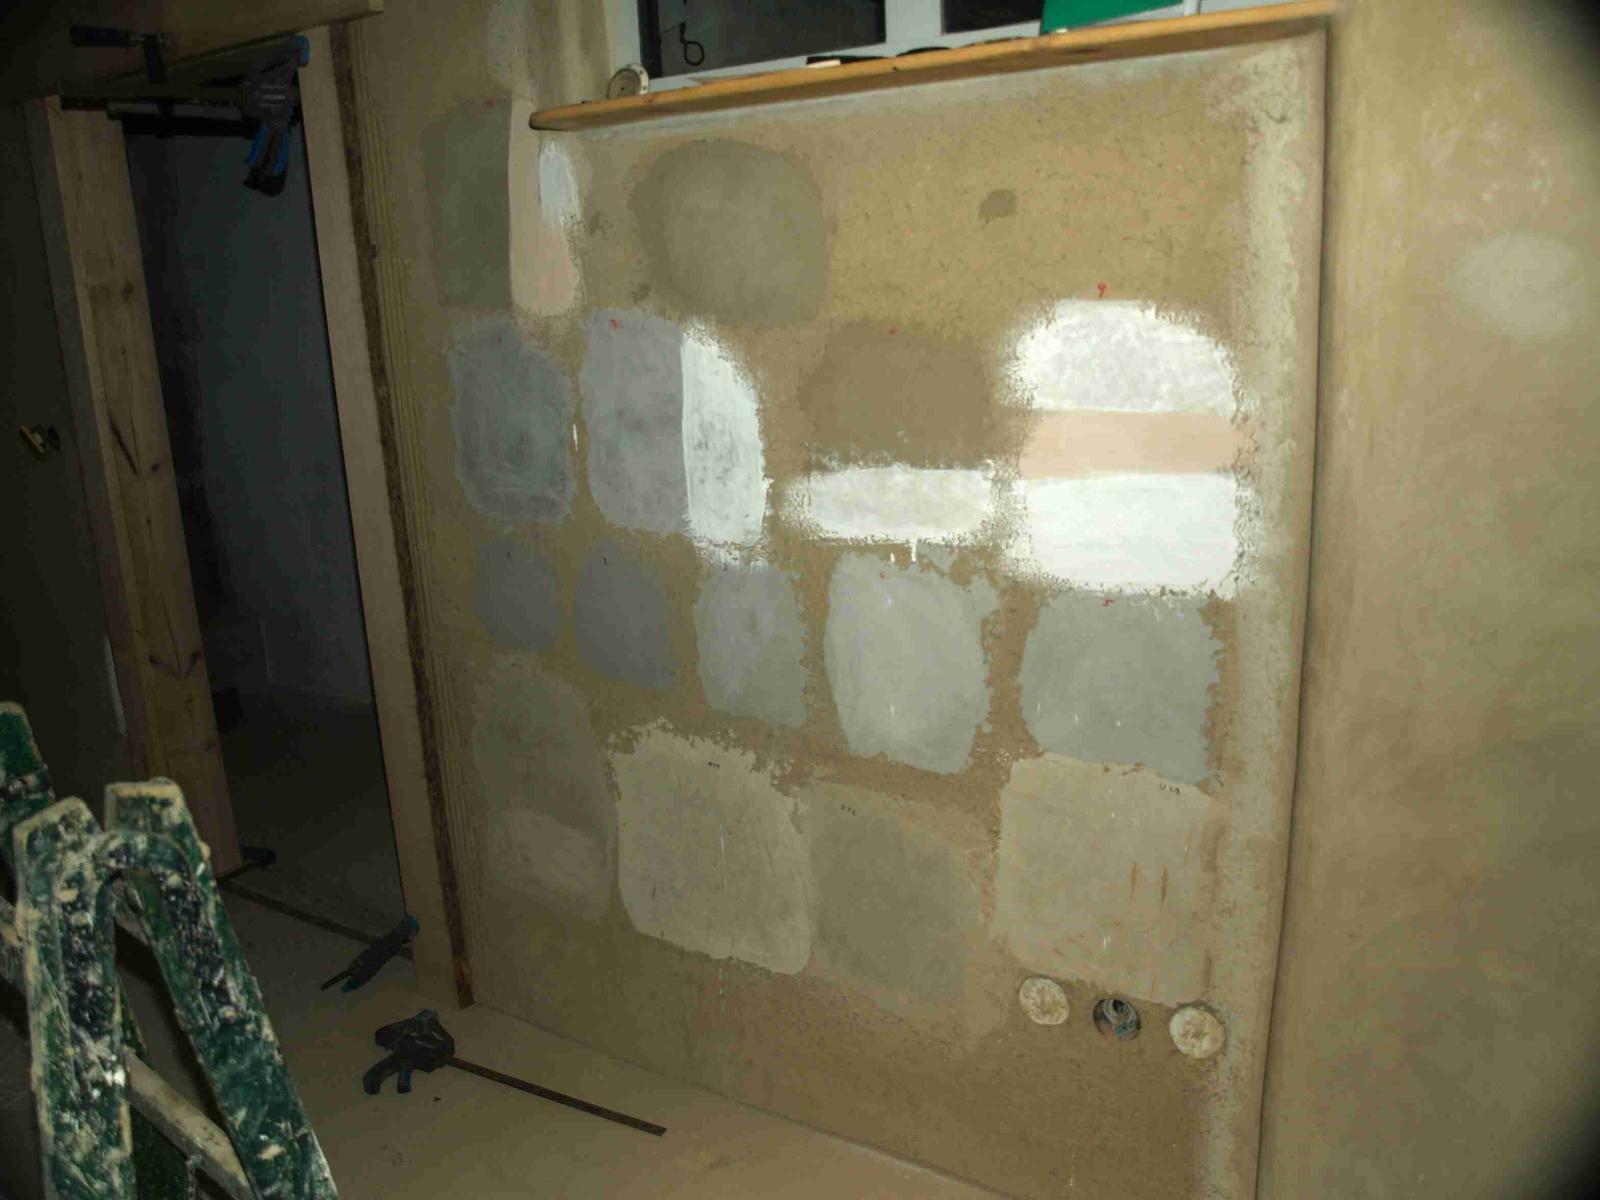 Hlinené omietky a podlahy svojpomocne. - Tu sme testovali zloženie a prirodné farbenie jemných omietok.